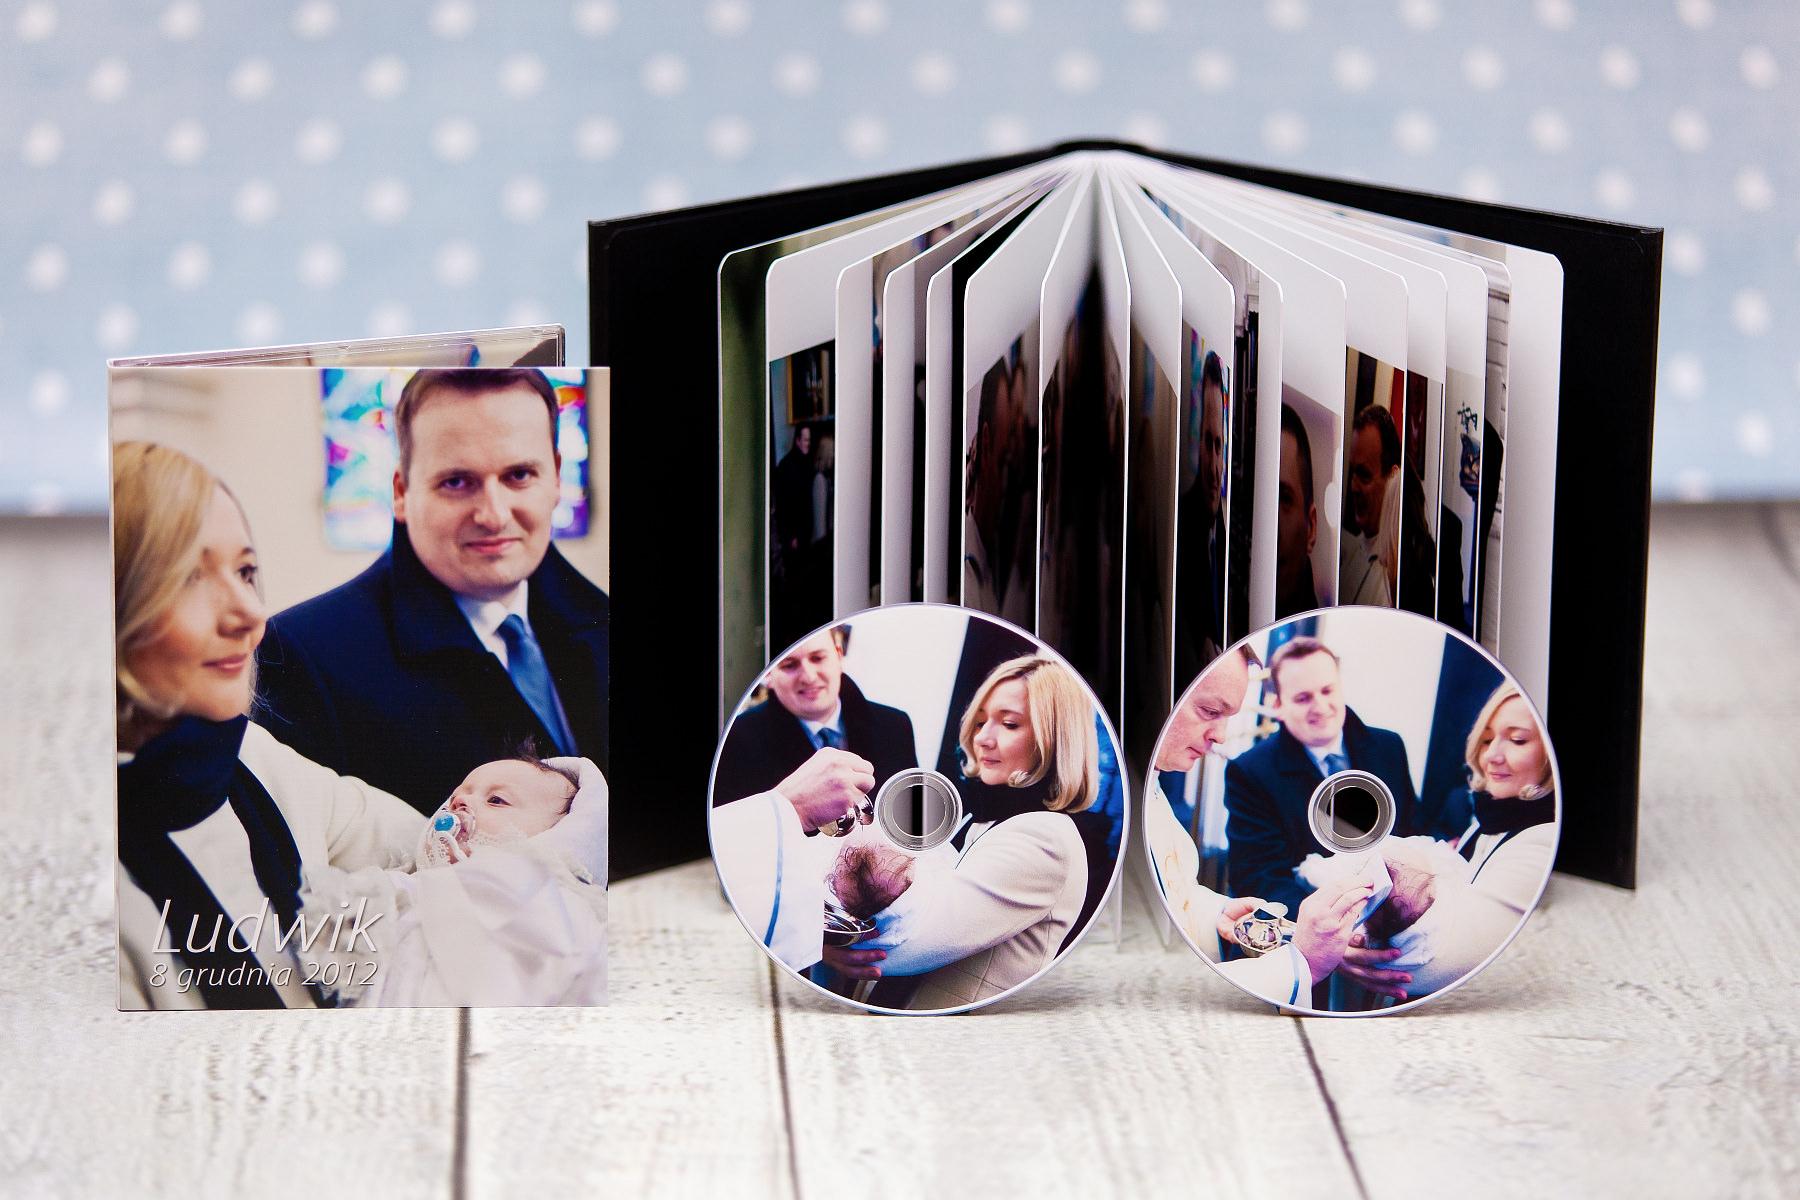 Ekskluzywny fotoalbum, etui na DVD + płyty dvd. Chrzciny Ludwika.